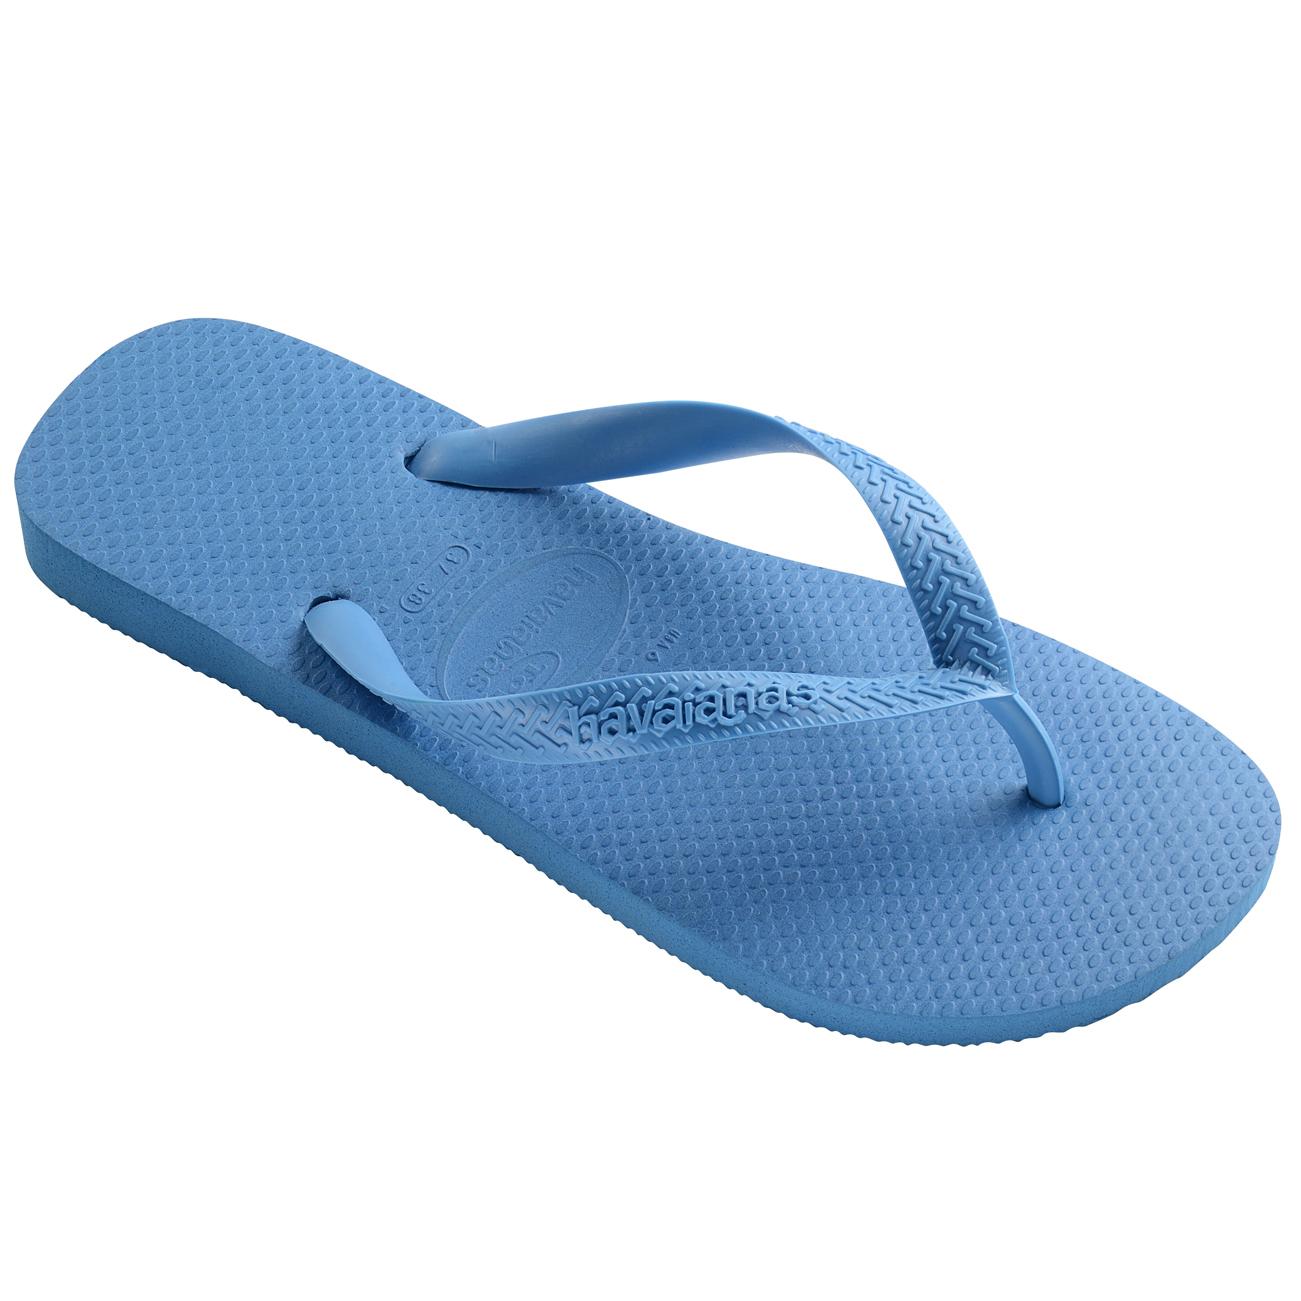 c264a221c Havaianas Shoes -Women s Wellies - Ladies Flip Flops   Footwear - Shubox